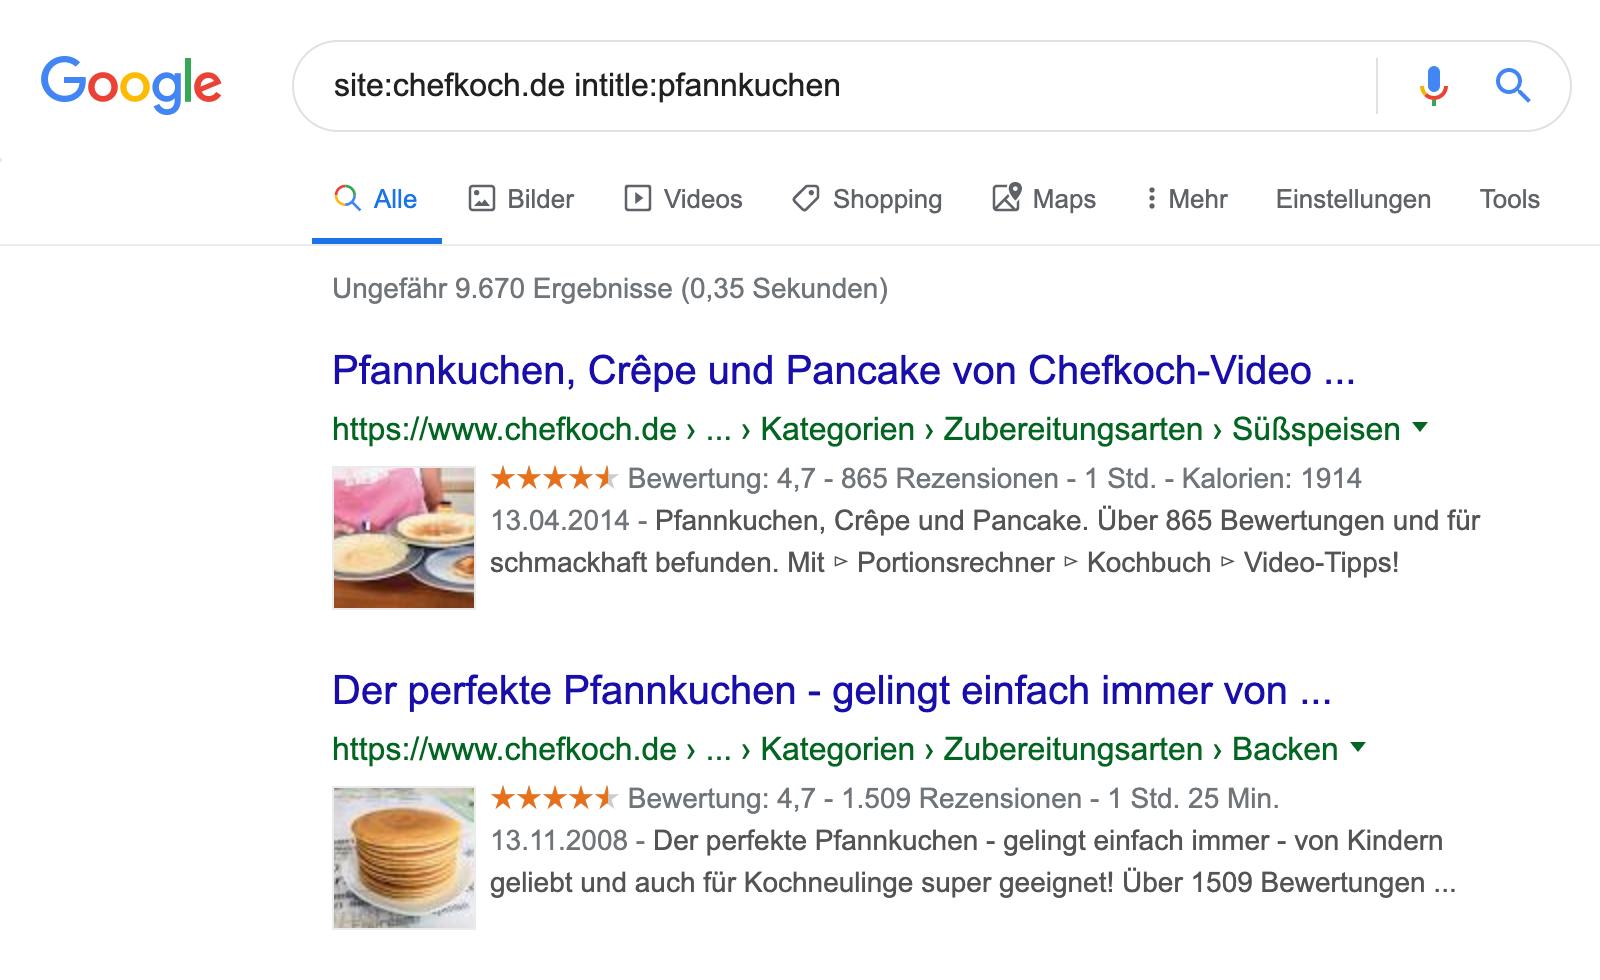 """Google Suchergebnis für die Anfrage """"site:chefkoch.de intitle:pfannkuchen"""": es werden ungefähr 9.670 Ergebnisse angezeigt."""